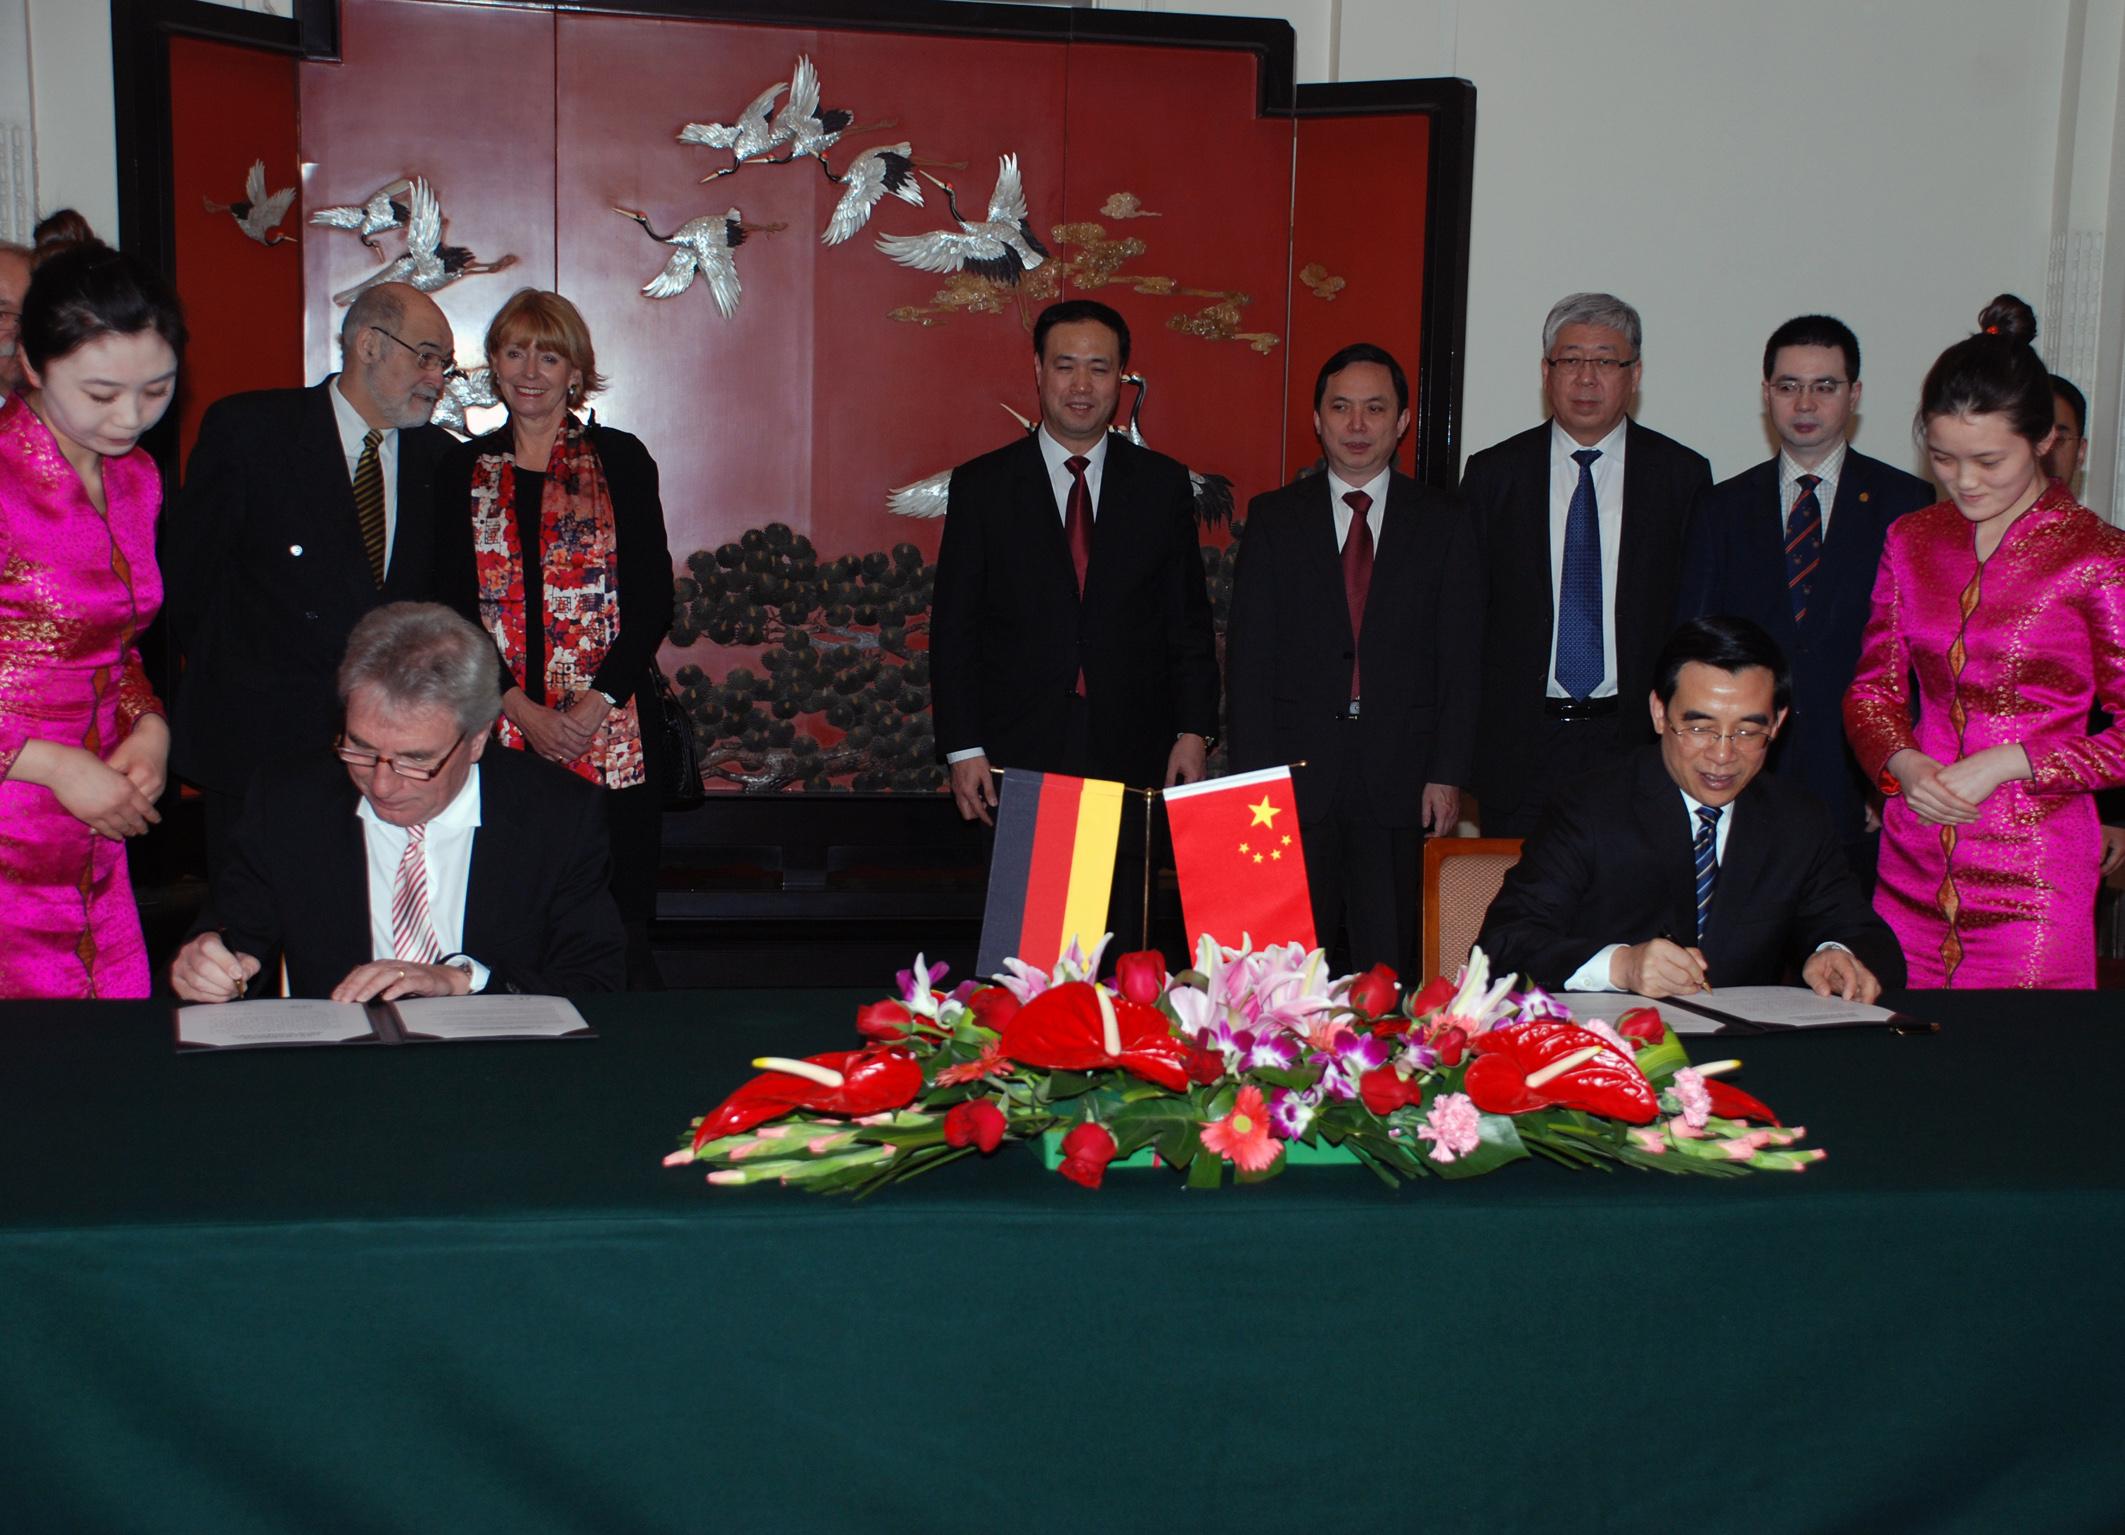 中国和科隆:一段中德间的佳话